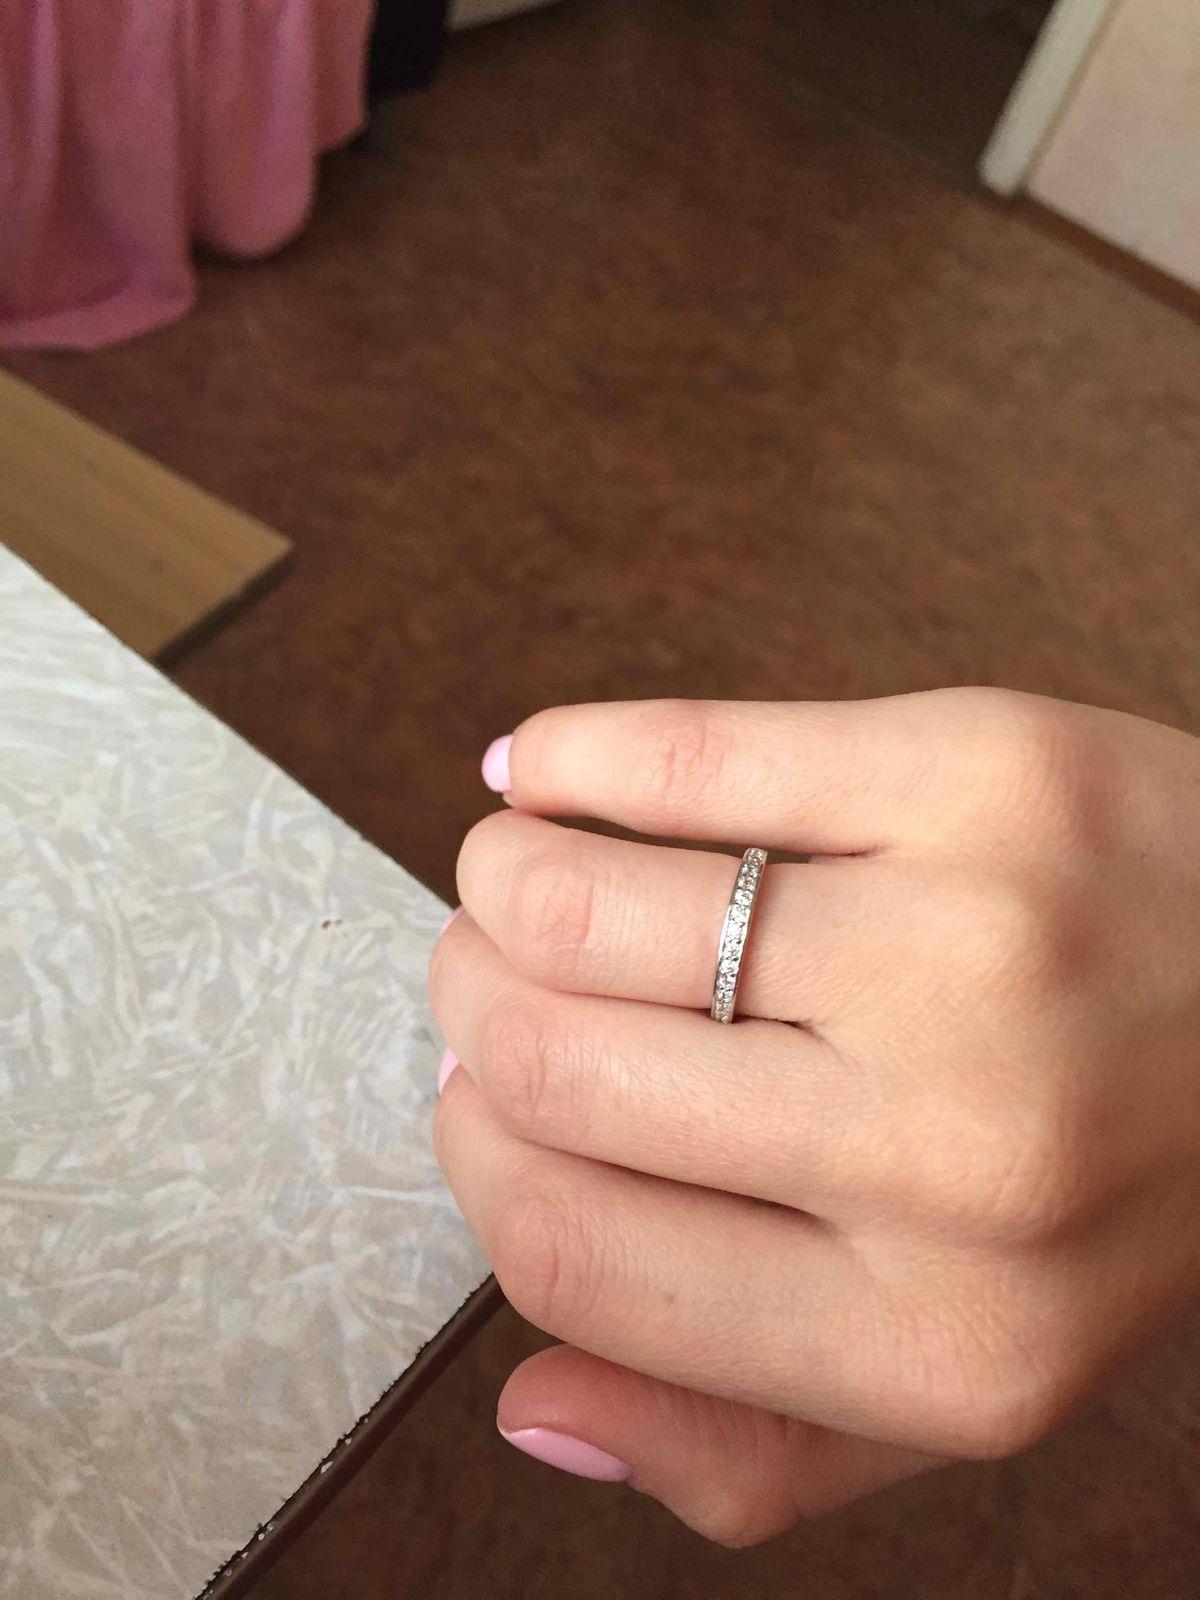 Кольцо моя любовь